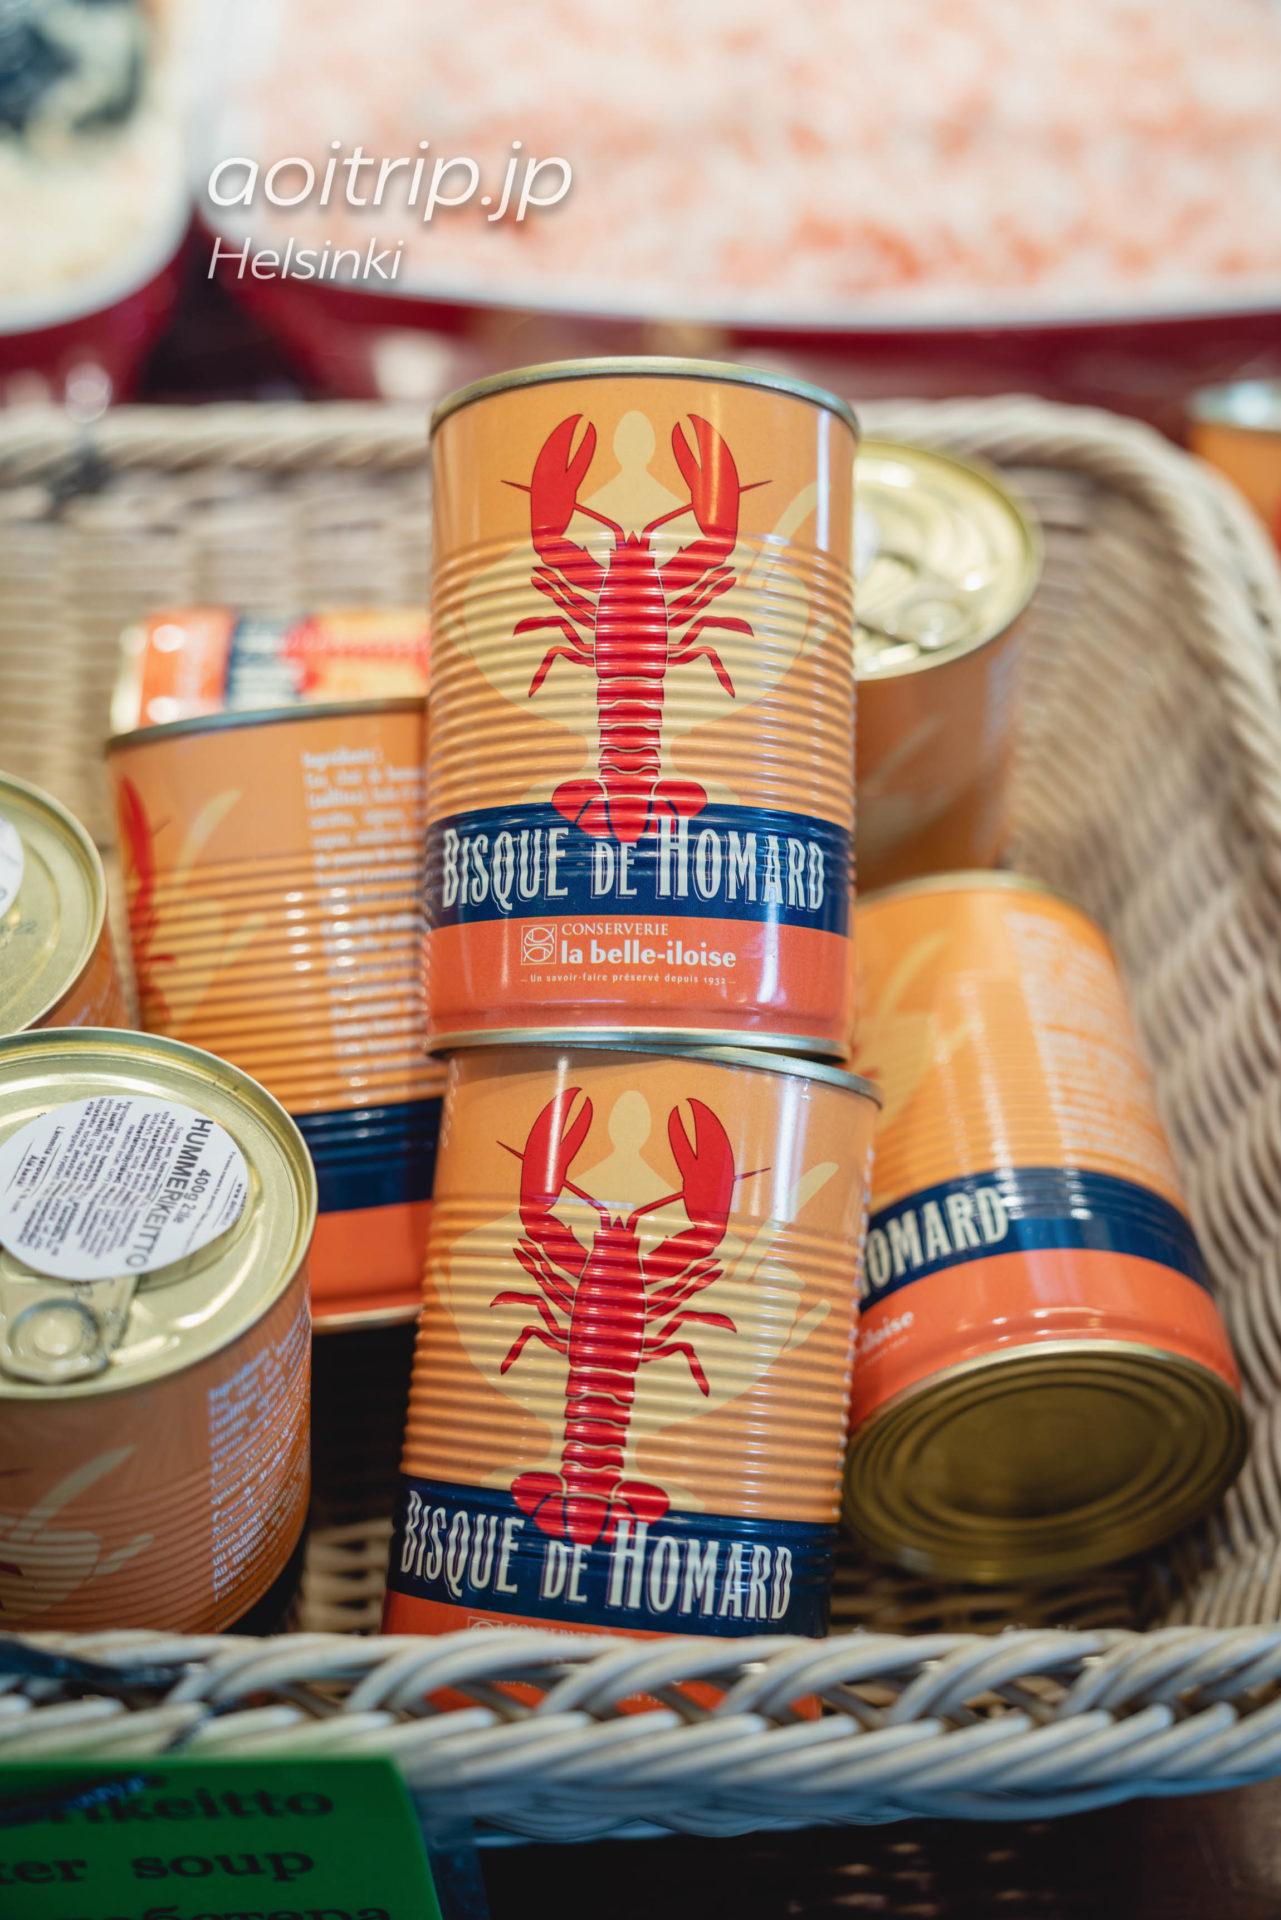 ヘルシンキのオールドマーケットホール ザリガニの缶詰